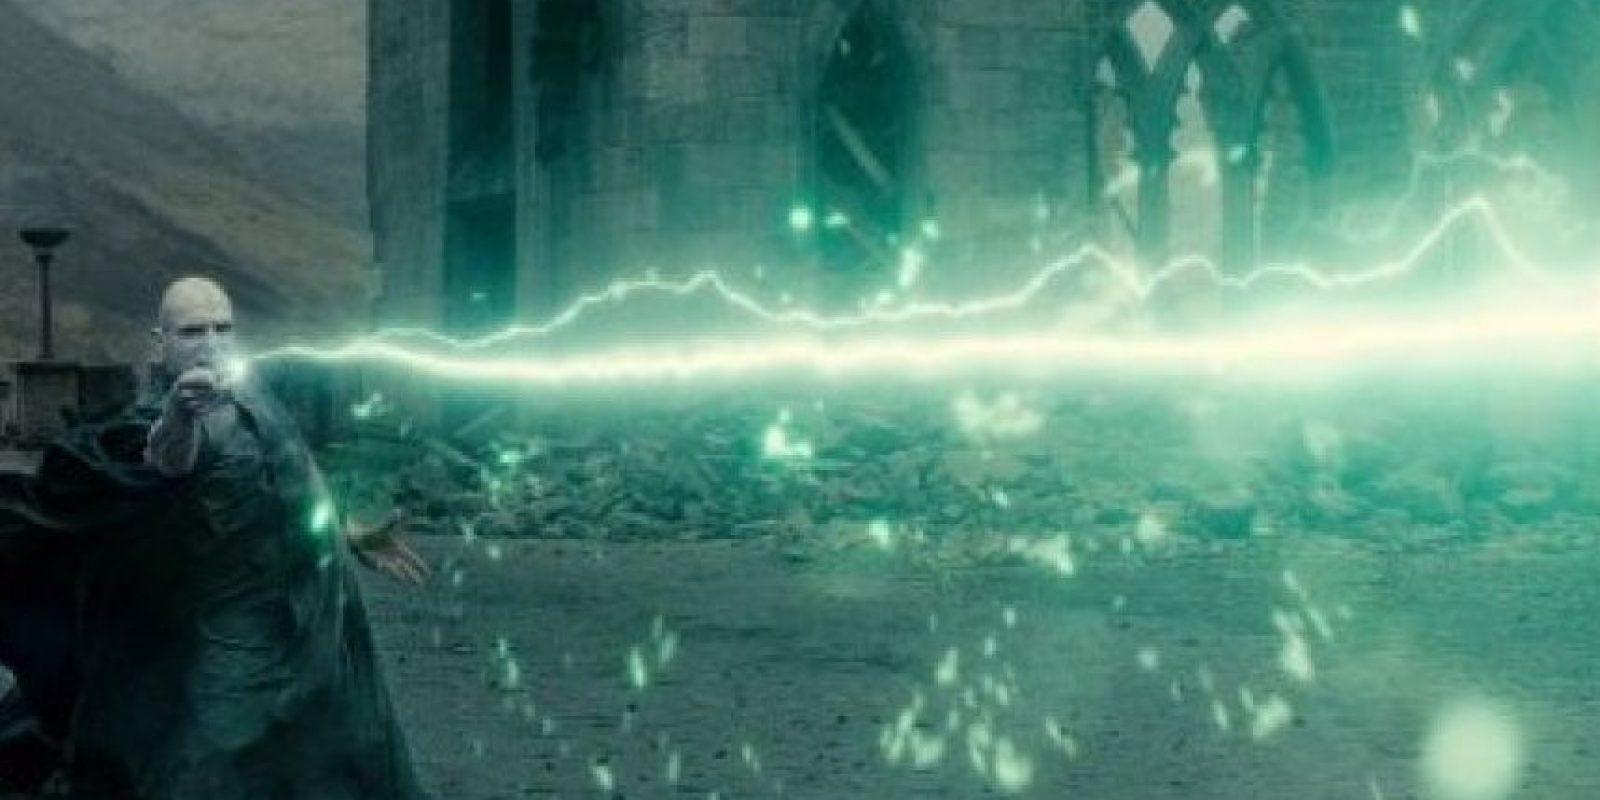 """Según el libro, la batalla de """"Hogwarts"""" termina en 1998. Foto:IMDb"""